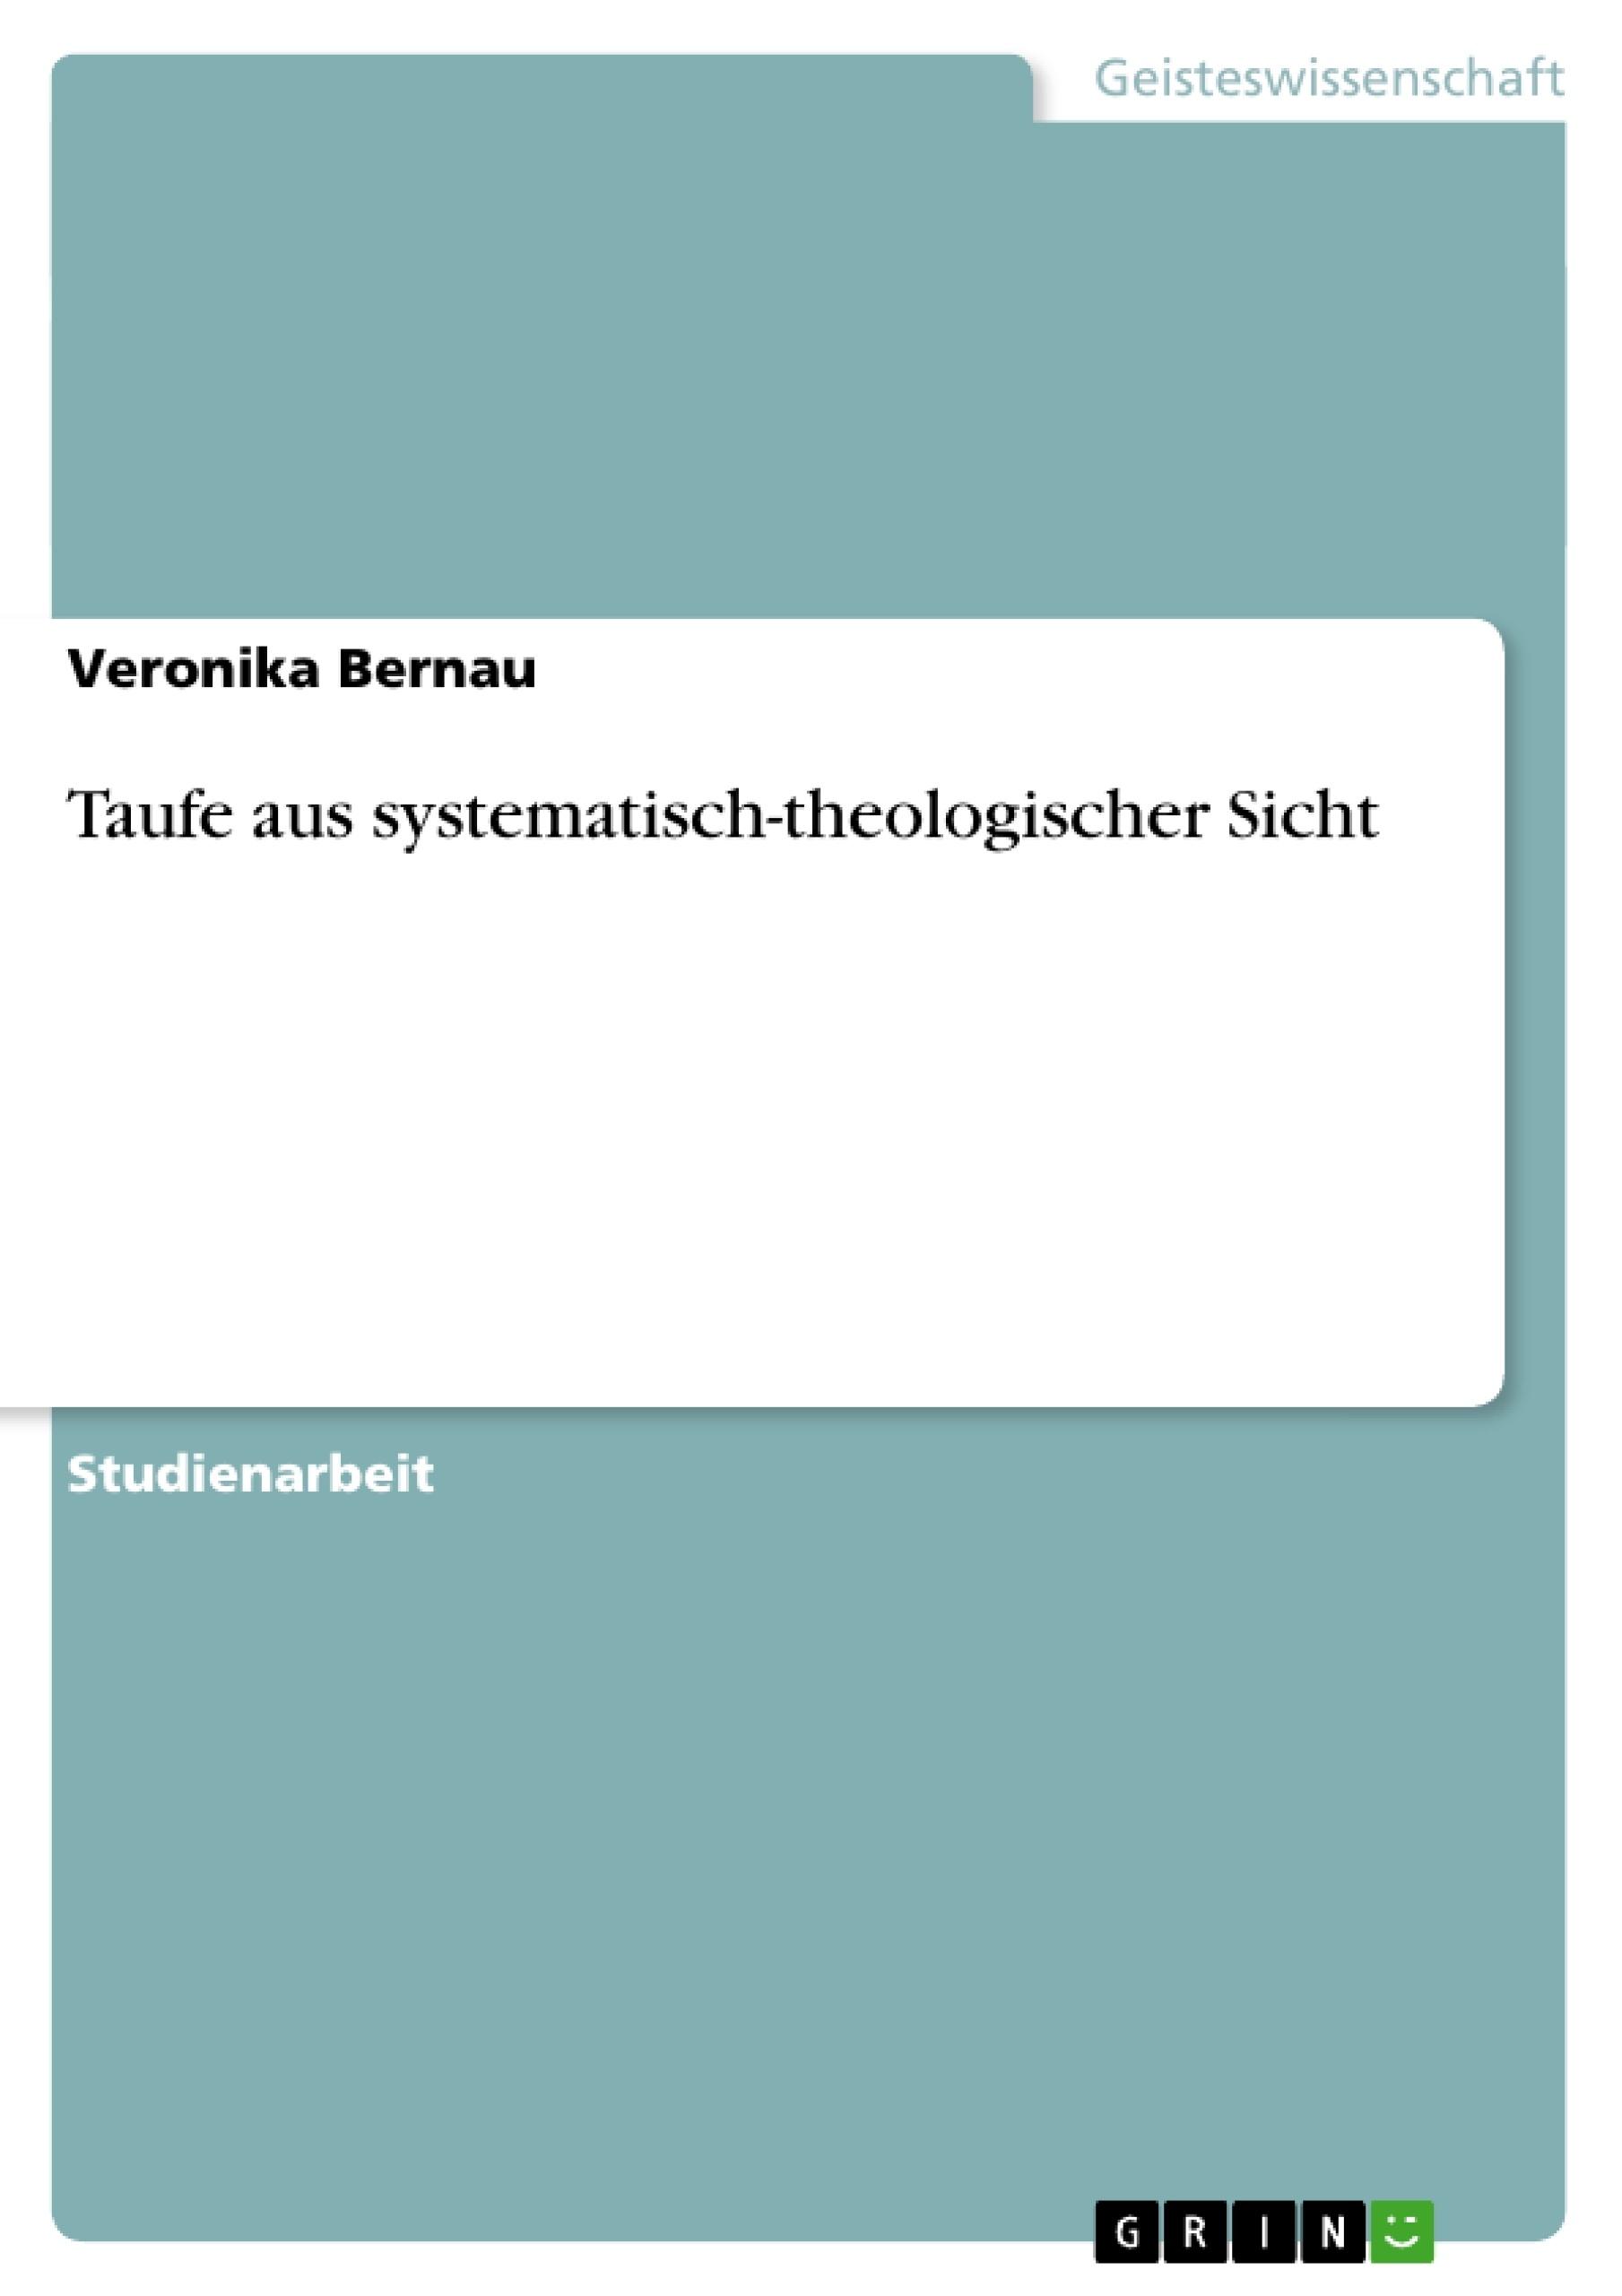 Titel: Taufe aus systematisch-theologischer Sicht